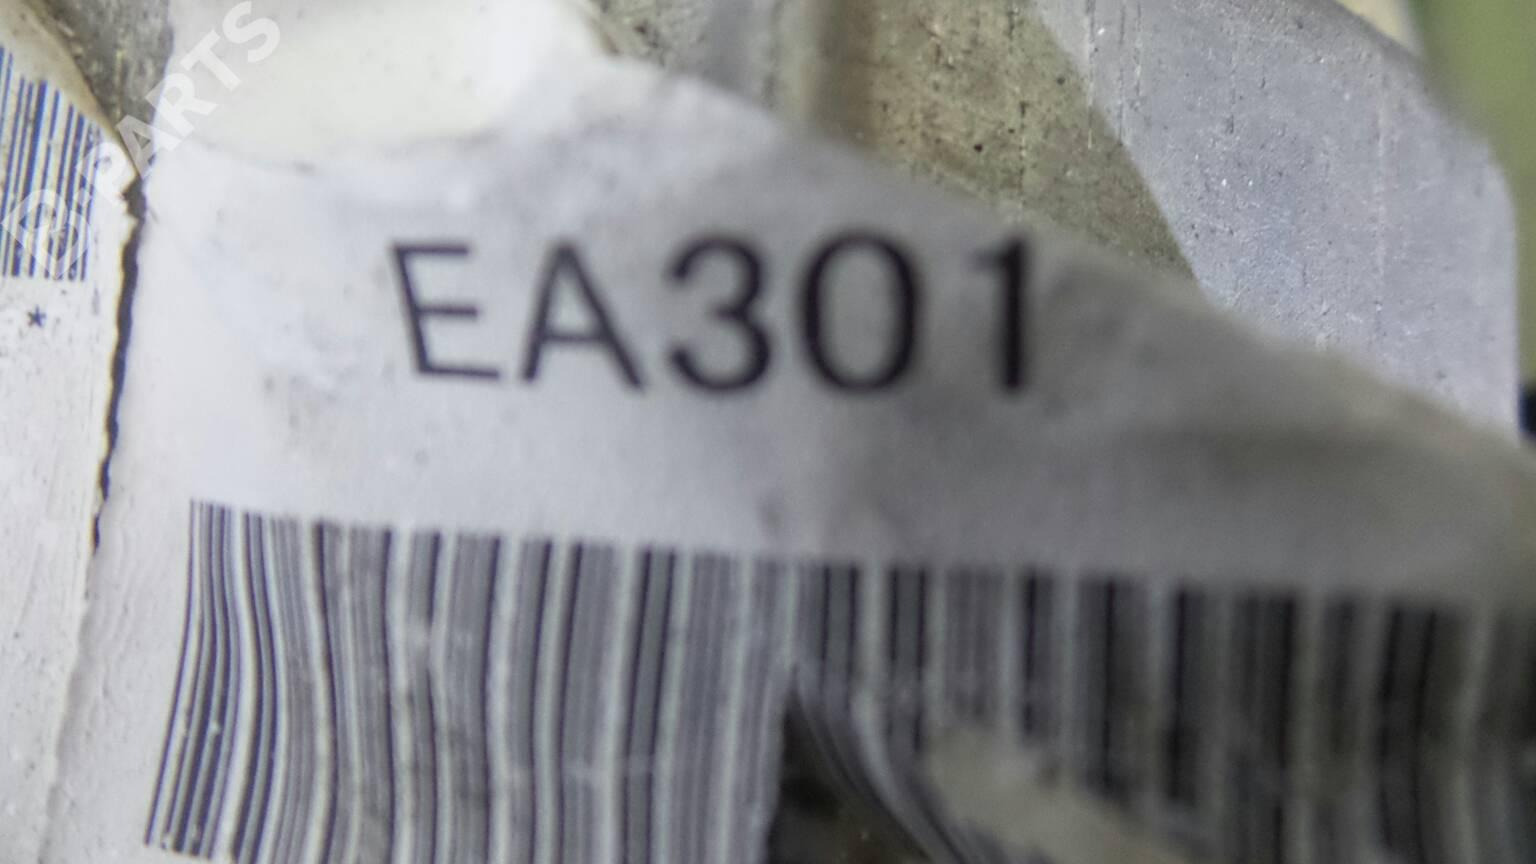 Manual Gearbox Nissan Pathfinder Iii R51 25 Dci 4wd 127974 05 Belt Diagram Wiring Schematic Ea301 4wd5 Doors